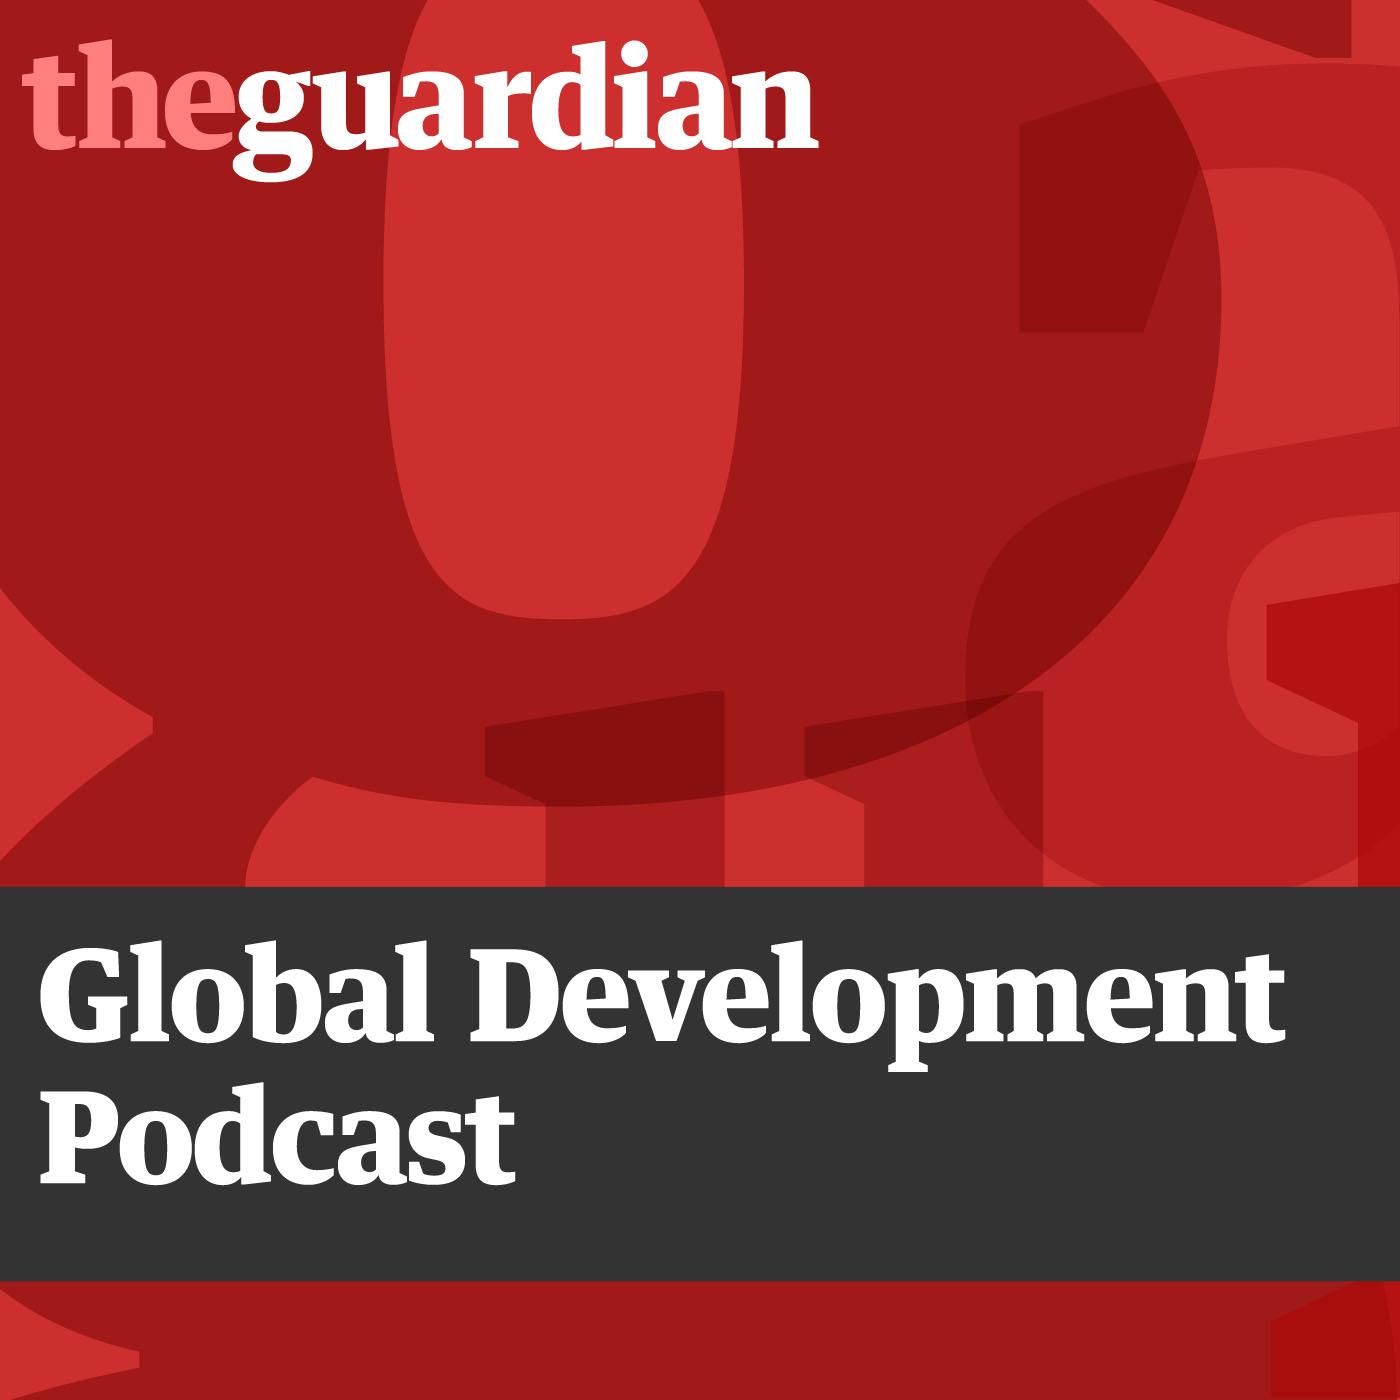 global_development_1400.jpg